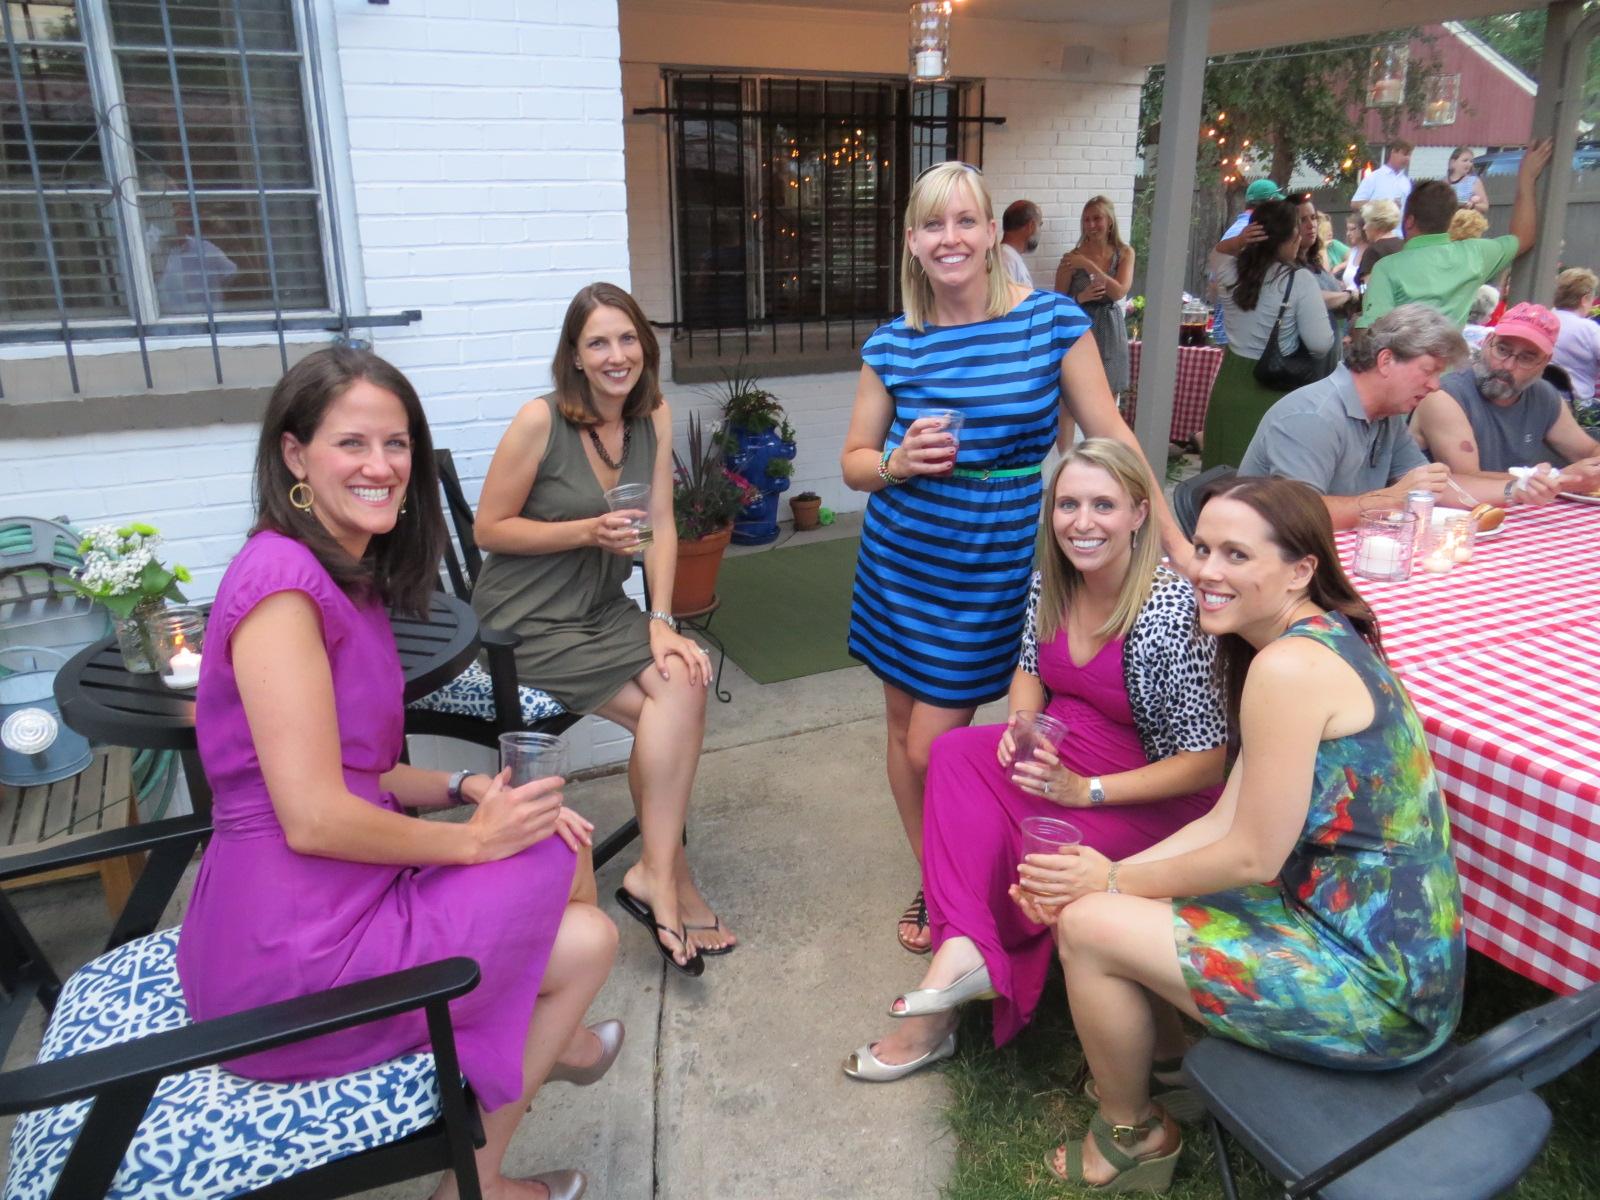 Big Brother Backyard Bbq : Life and Times of the Naughtins (Kim and Jason) June 2012